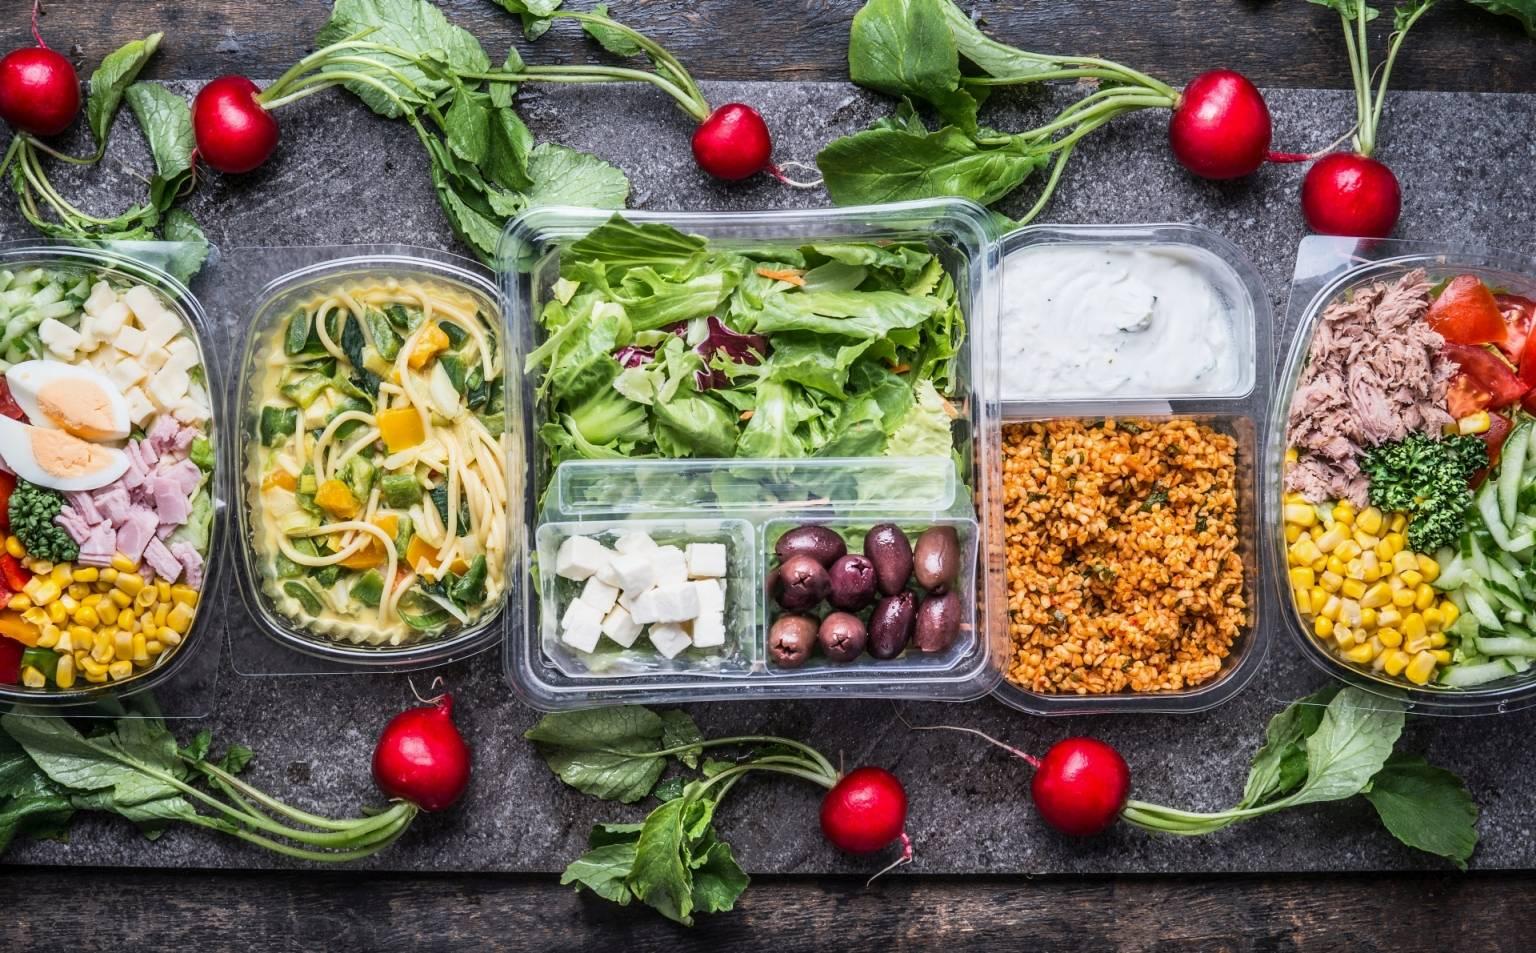 Oznaczenia plastiku - czy przechowywanie żywności w plastikowych pojemnikach jest zdrowe?